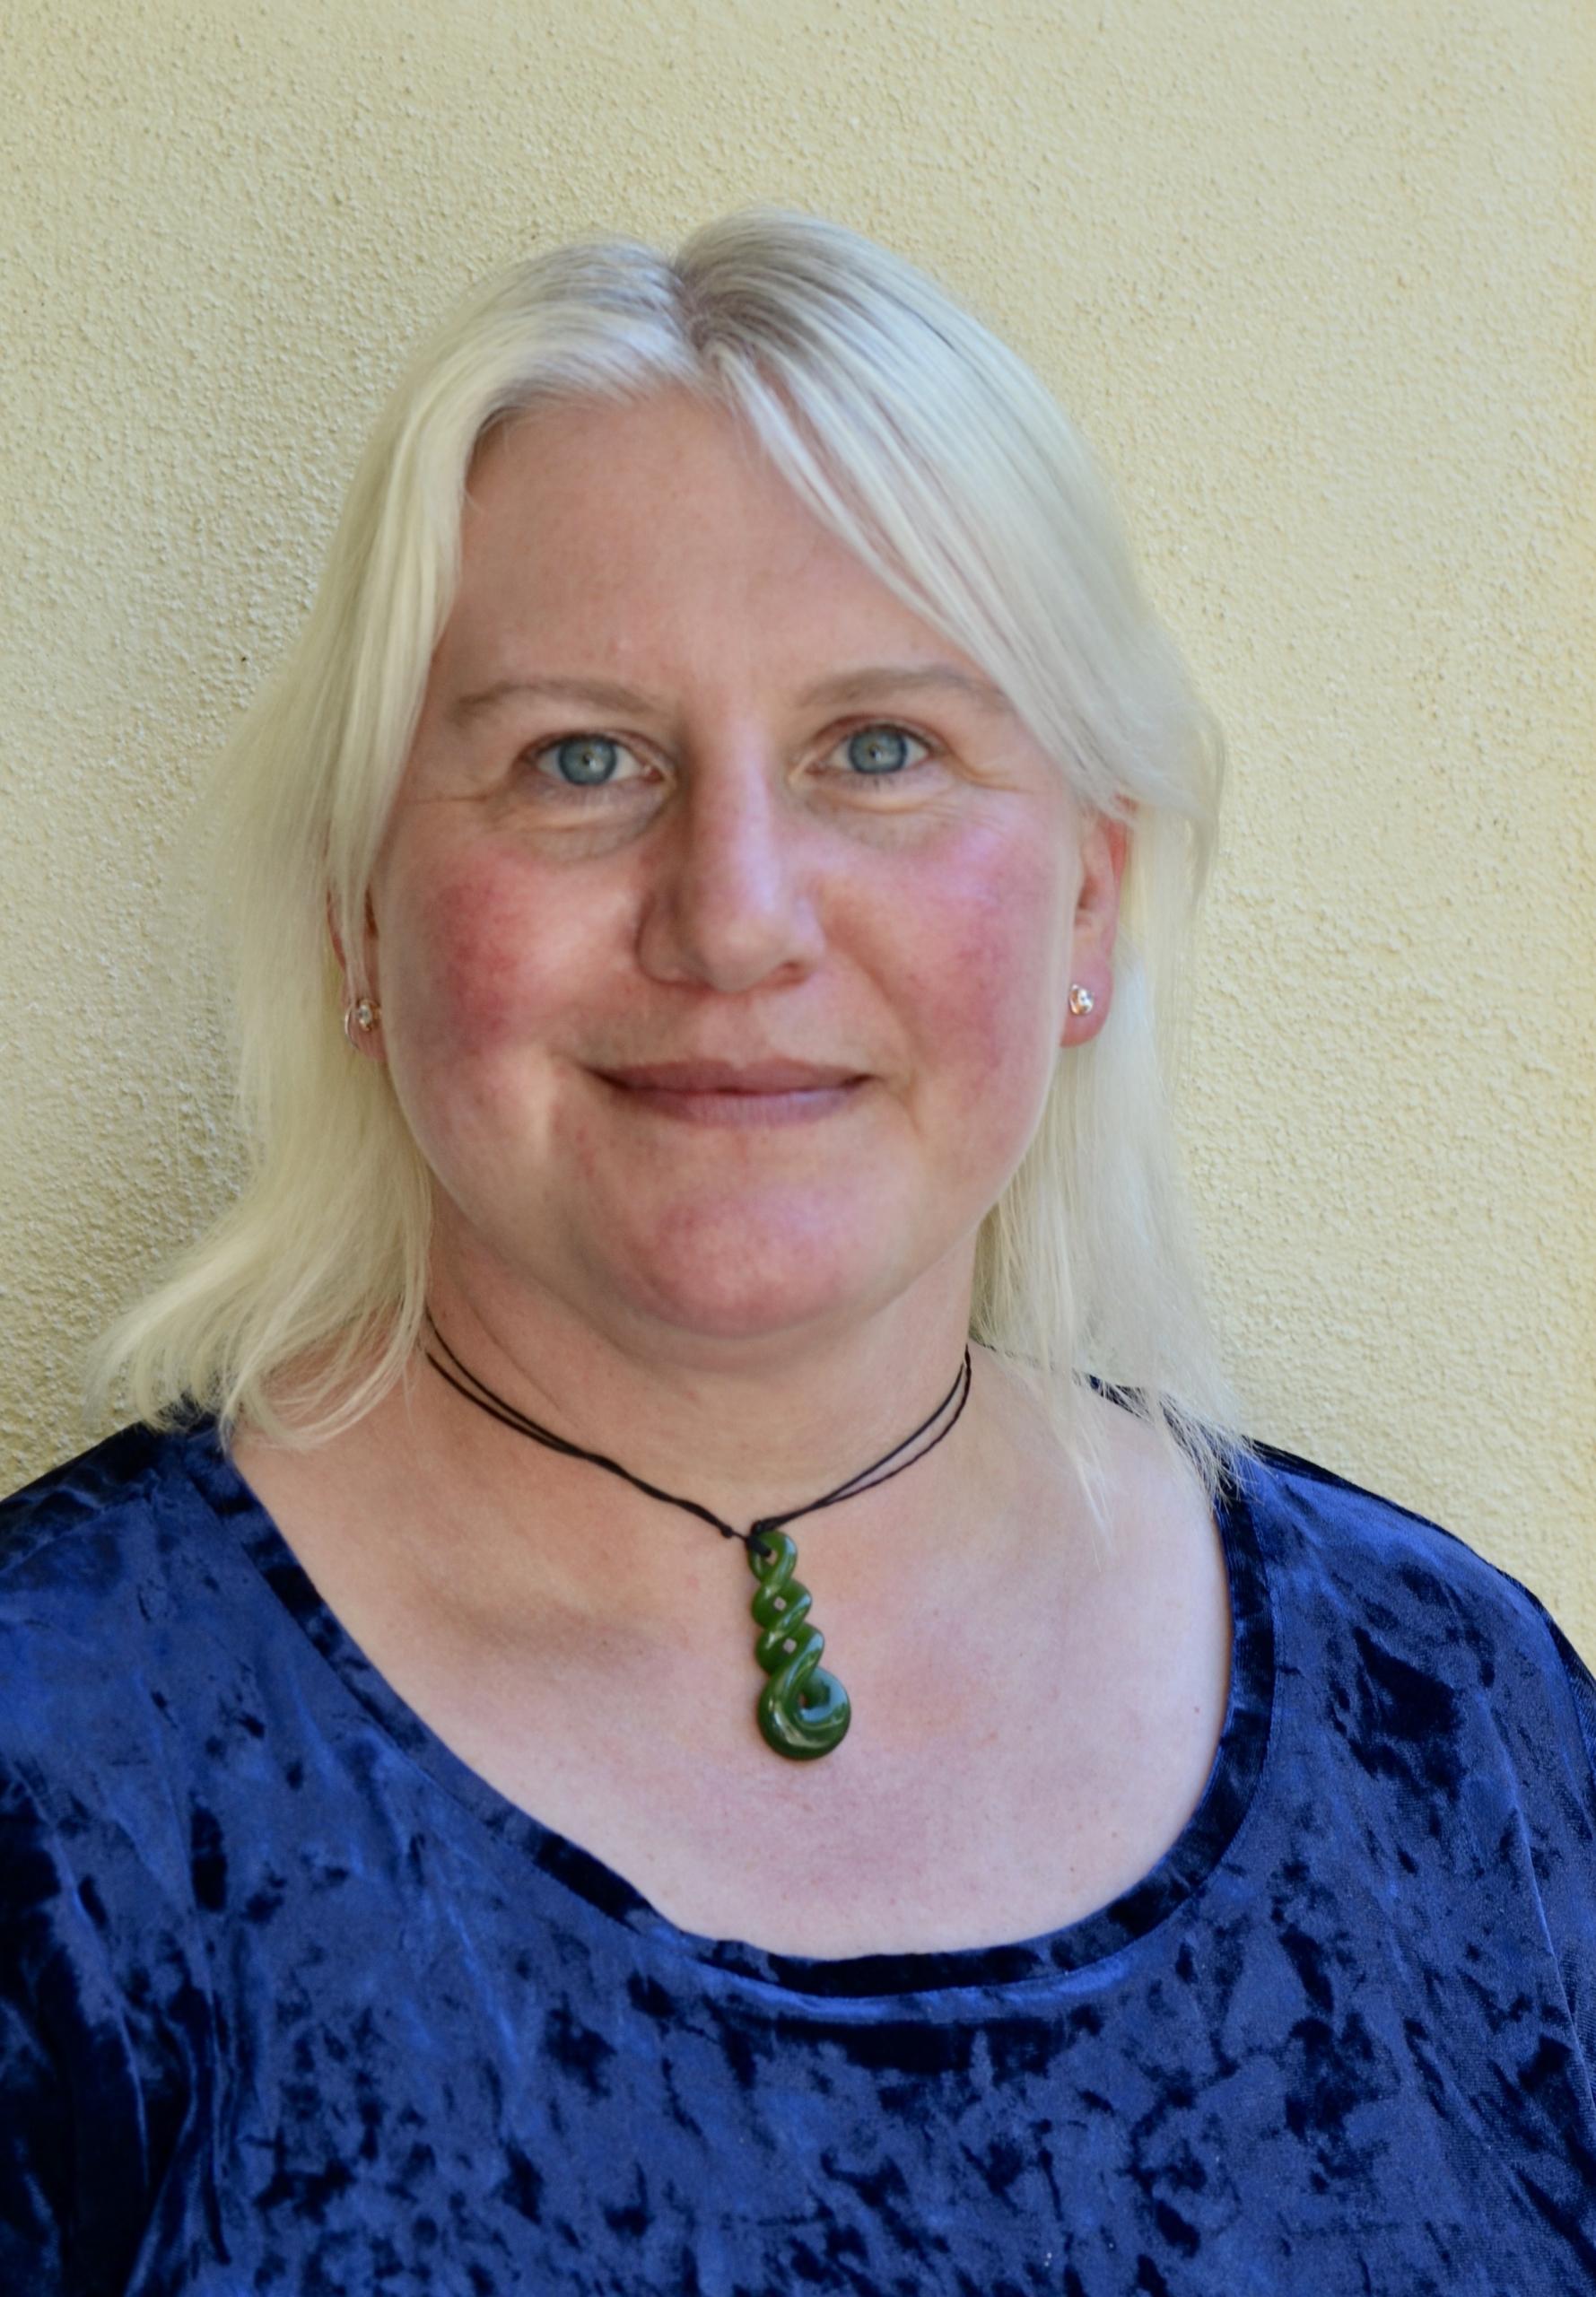 Fiona Treliving